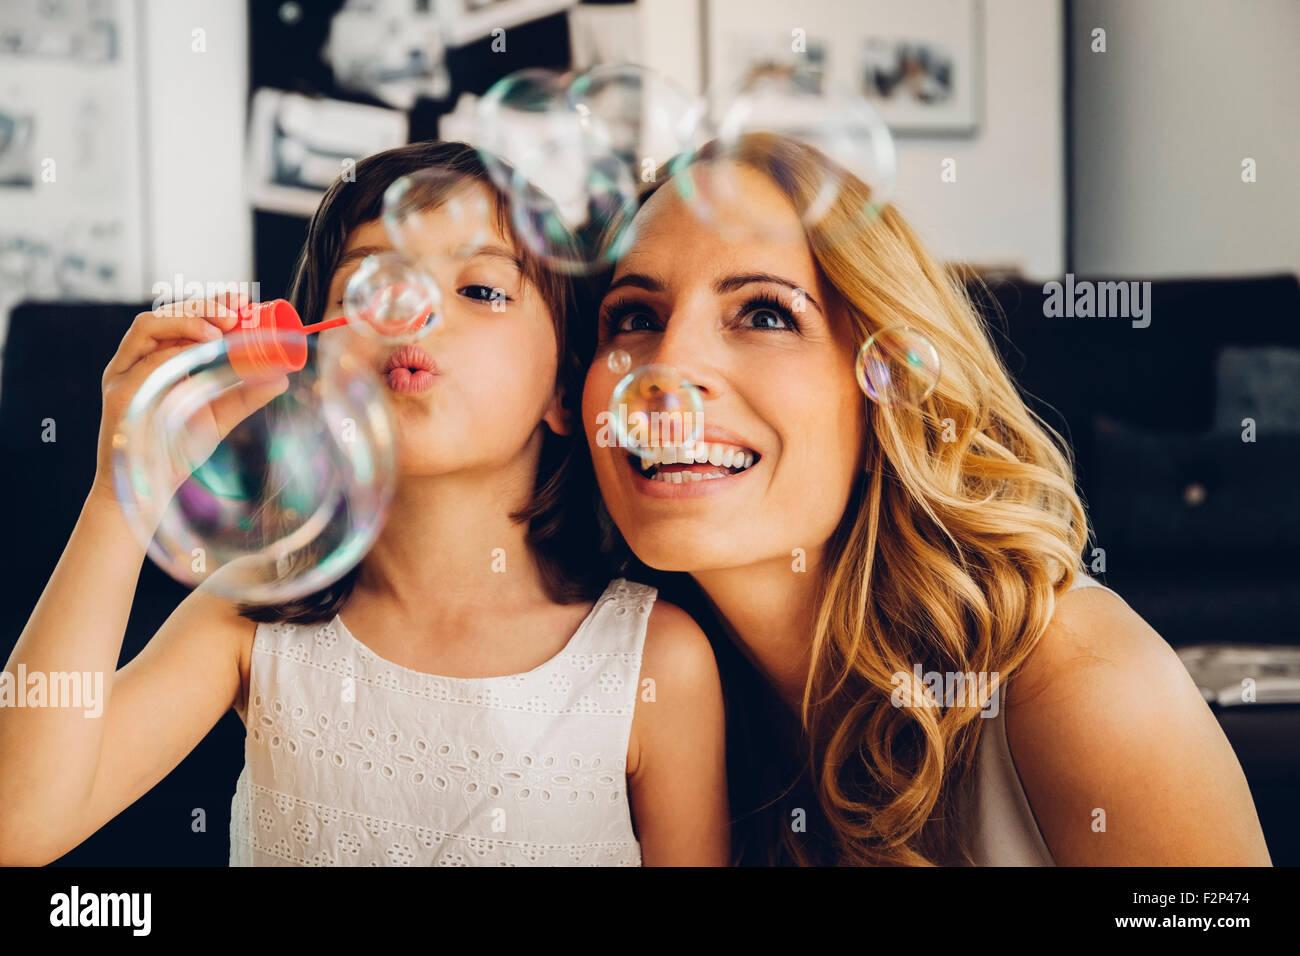 Mère heureuse avec sa fille à la maison souffler des bulles de savon Photo Stock